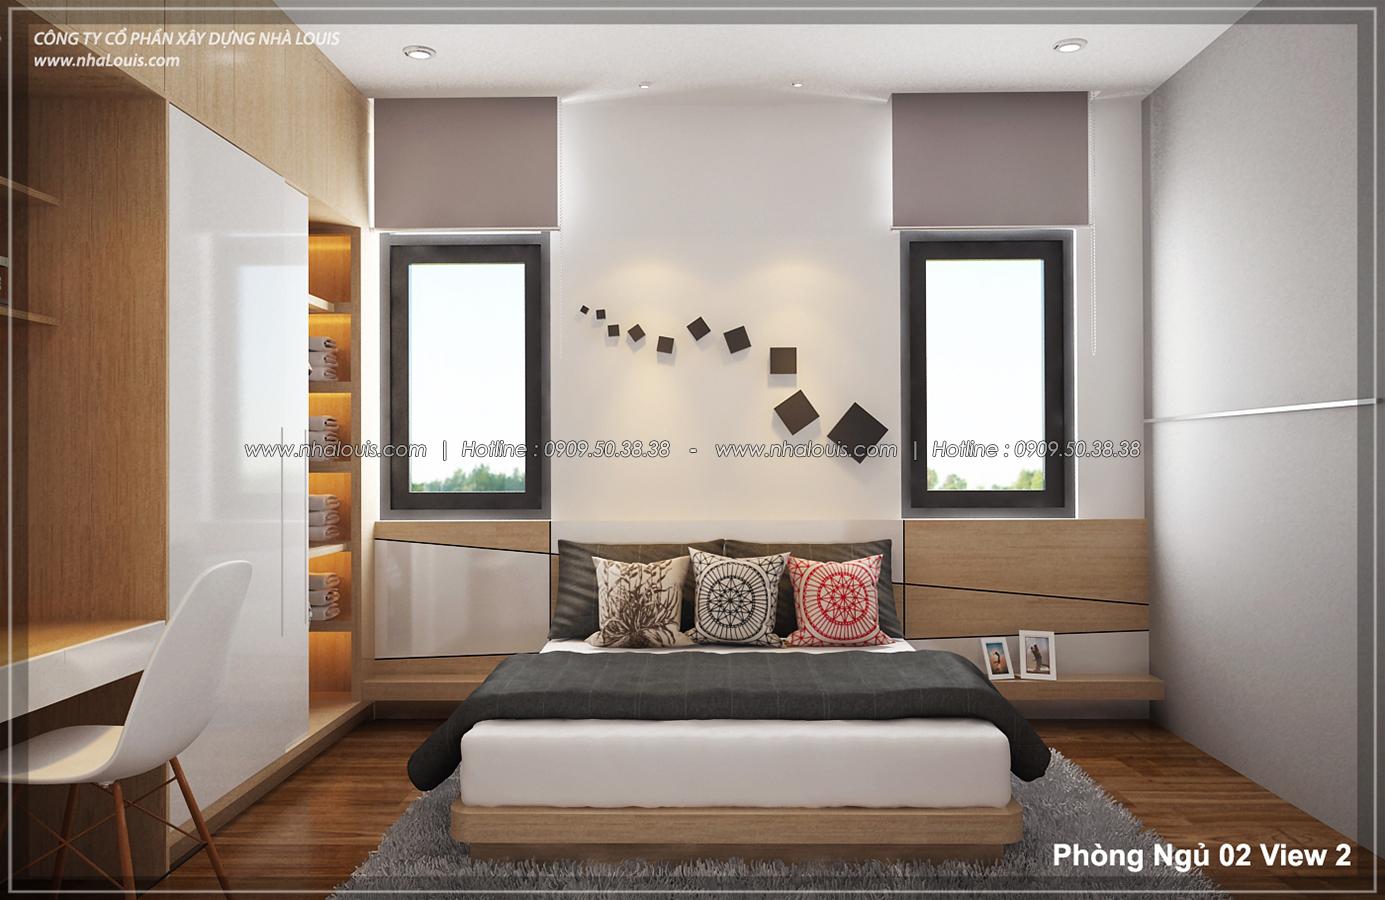 Thiết kế biệt thự 3 tầng đẹp đẳng cấp ngay tại dự án Lucasta Villa Quận 9 - 30